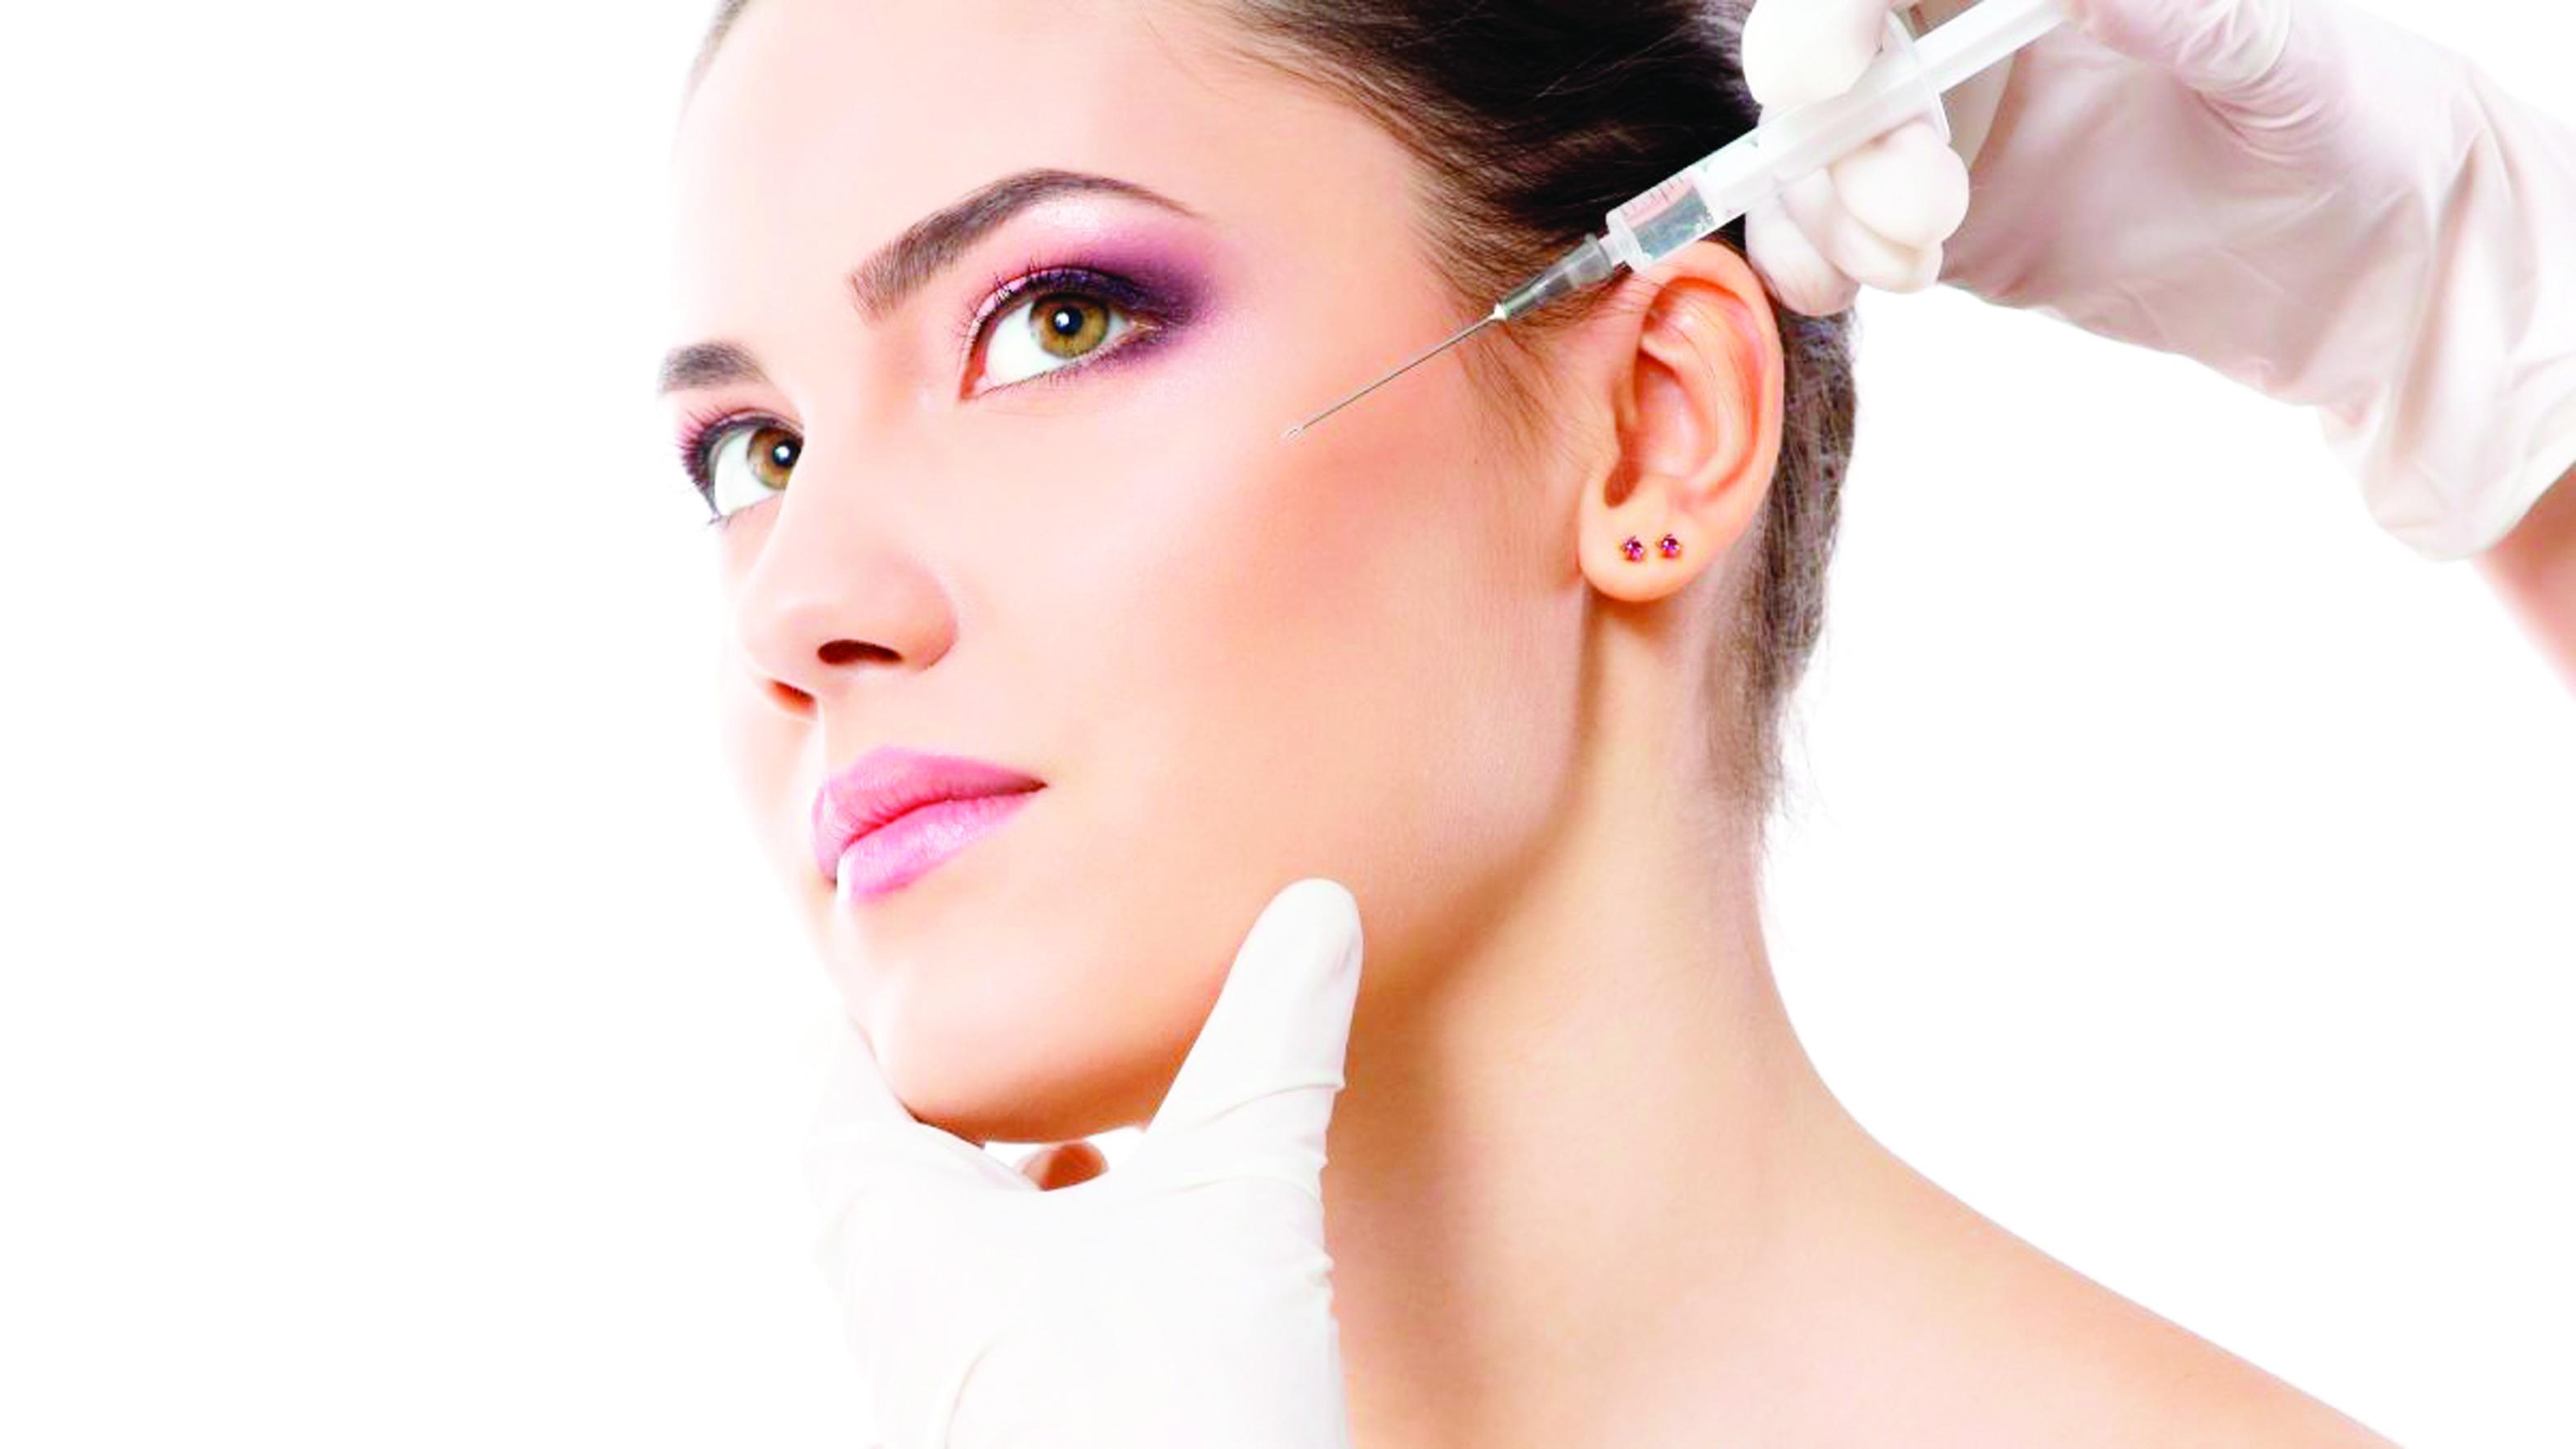 Ameliyatsız güzellik : BOTOX